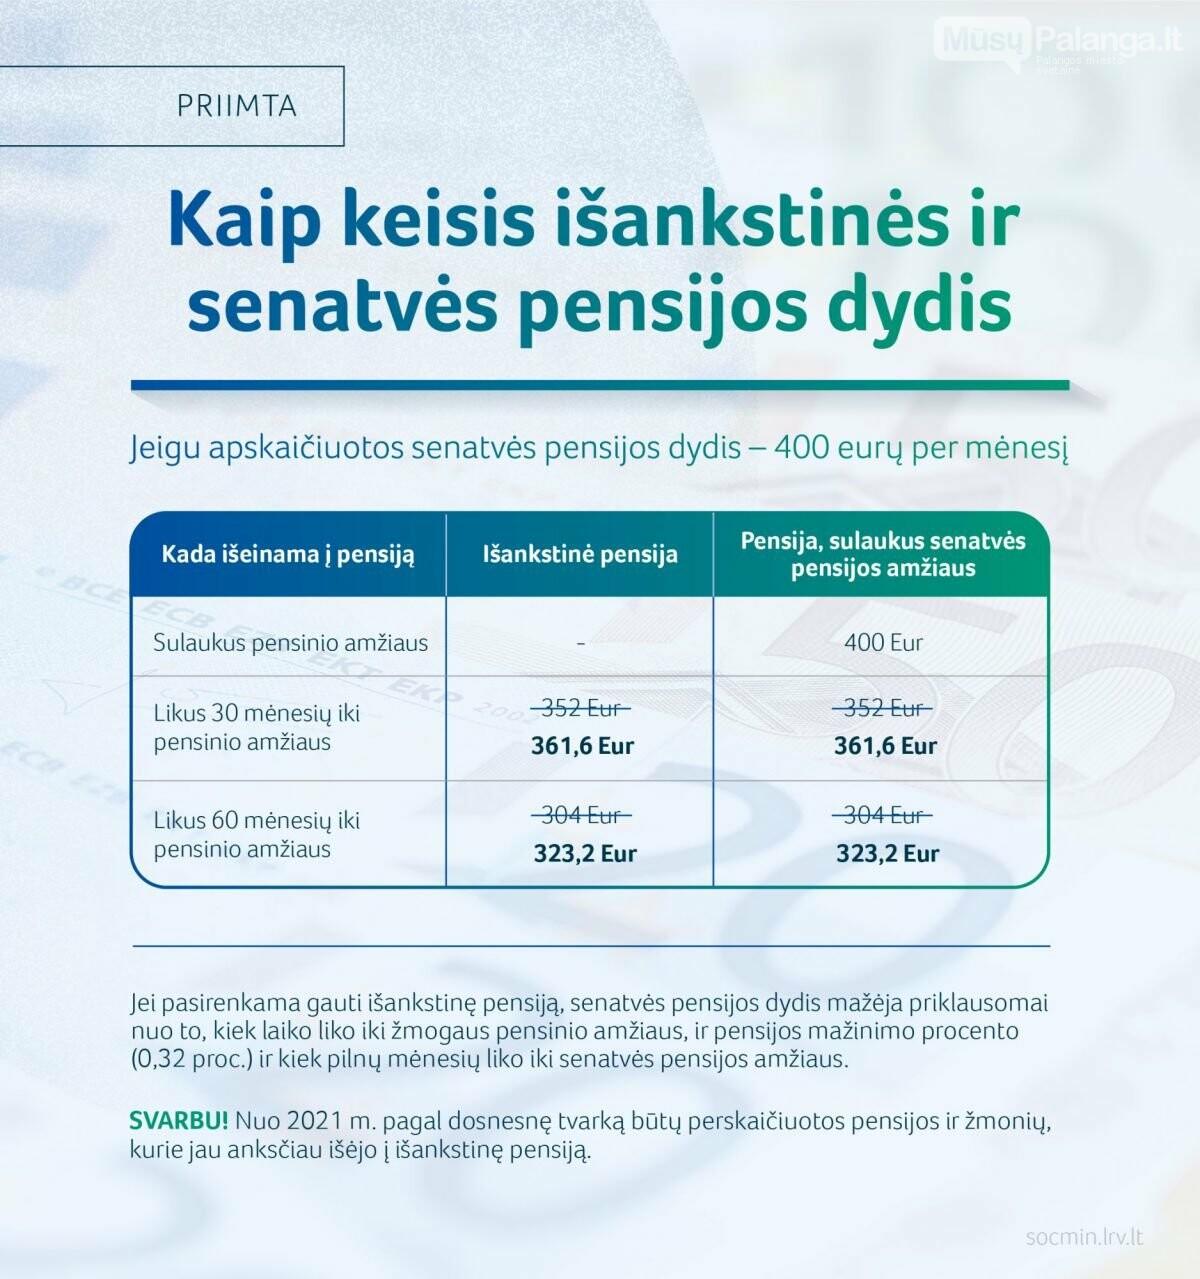 Aktualu išankstinių pensijų gavėjams: nuo kitų metų didės išankstinės pensijos, nuotrauka-1